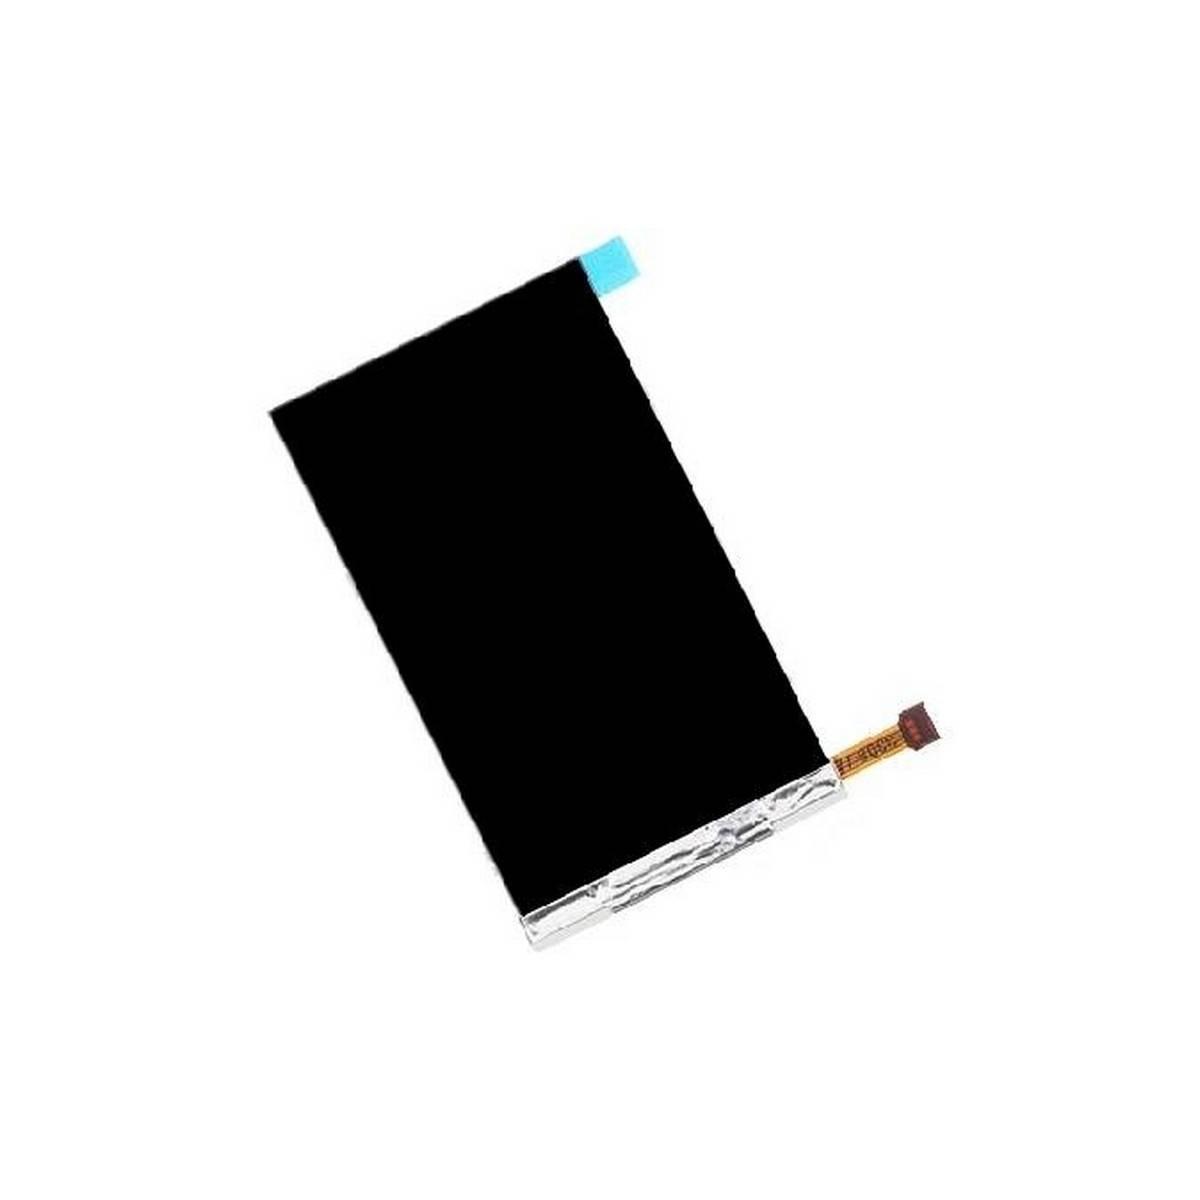 PANTALLA LCD DISPLAY PARA NOKIA LUMIA 520